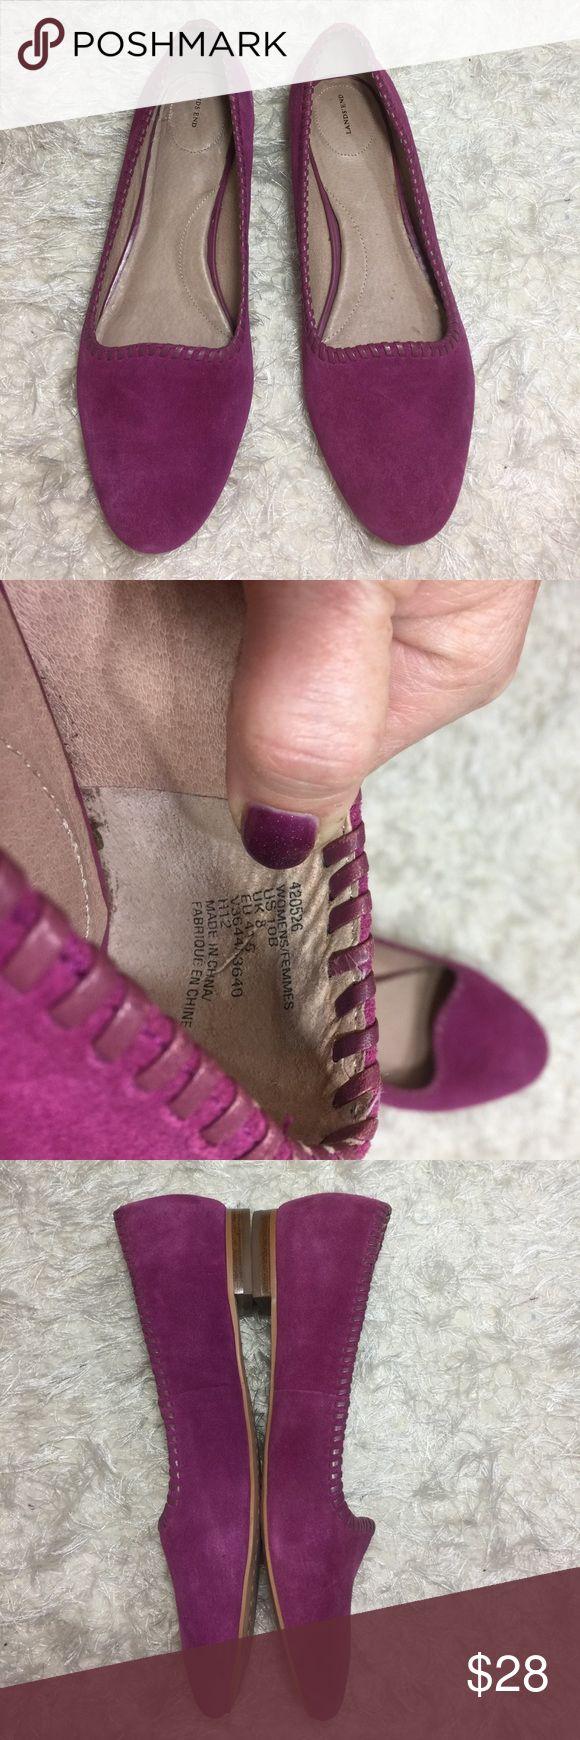 Purple suede flats size 10 lands end Gorgeous purple soft suede Flats. Lands End. Only worn twice. Size 10 B Lands' End Shoes Flats & Loafers